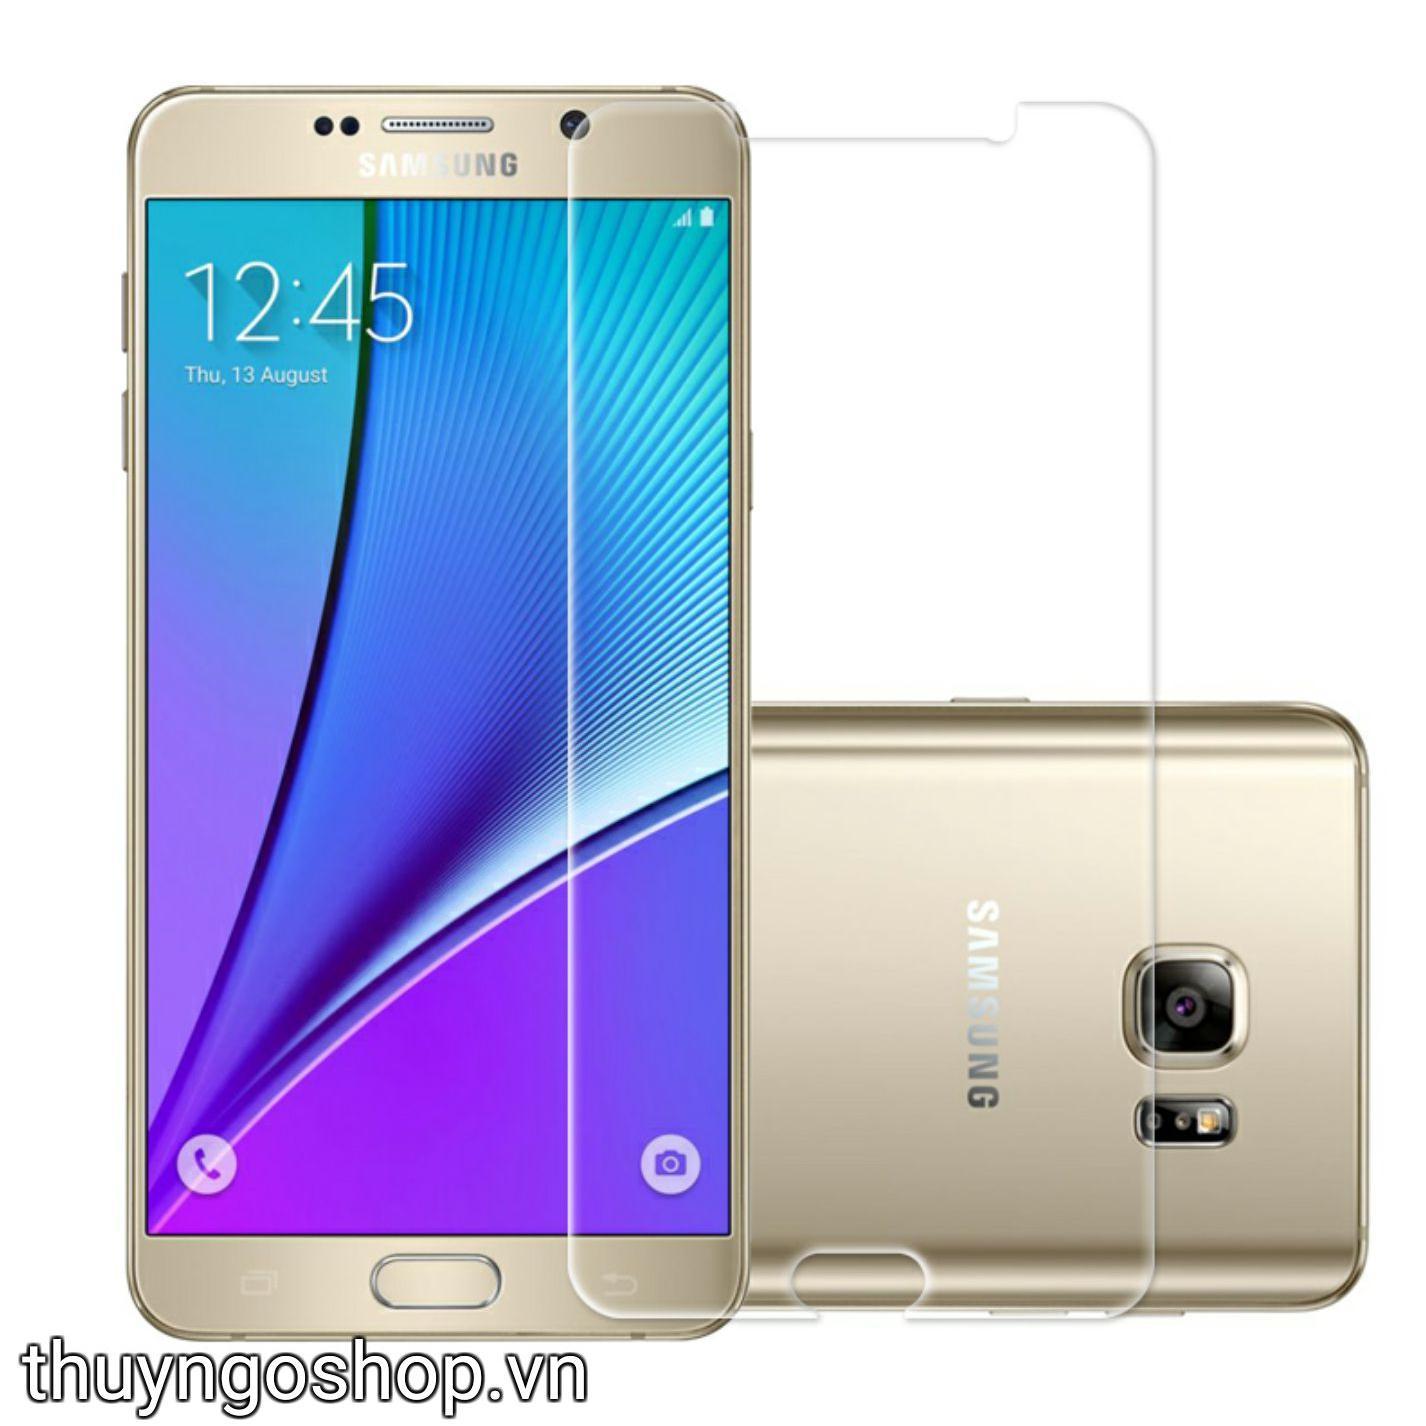 Kính cường lực Samsung Note 5 chính hãng CM